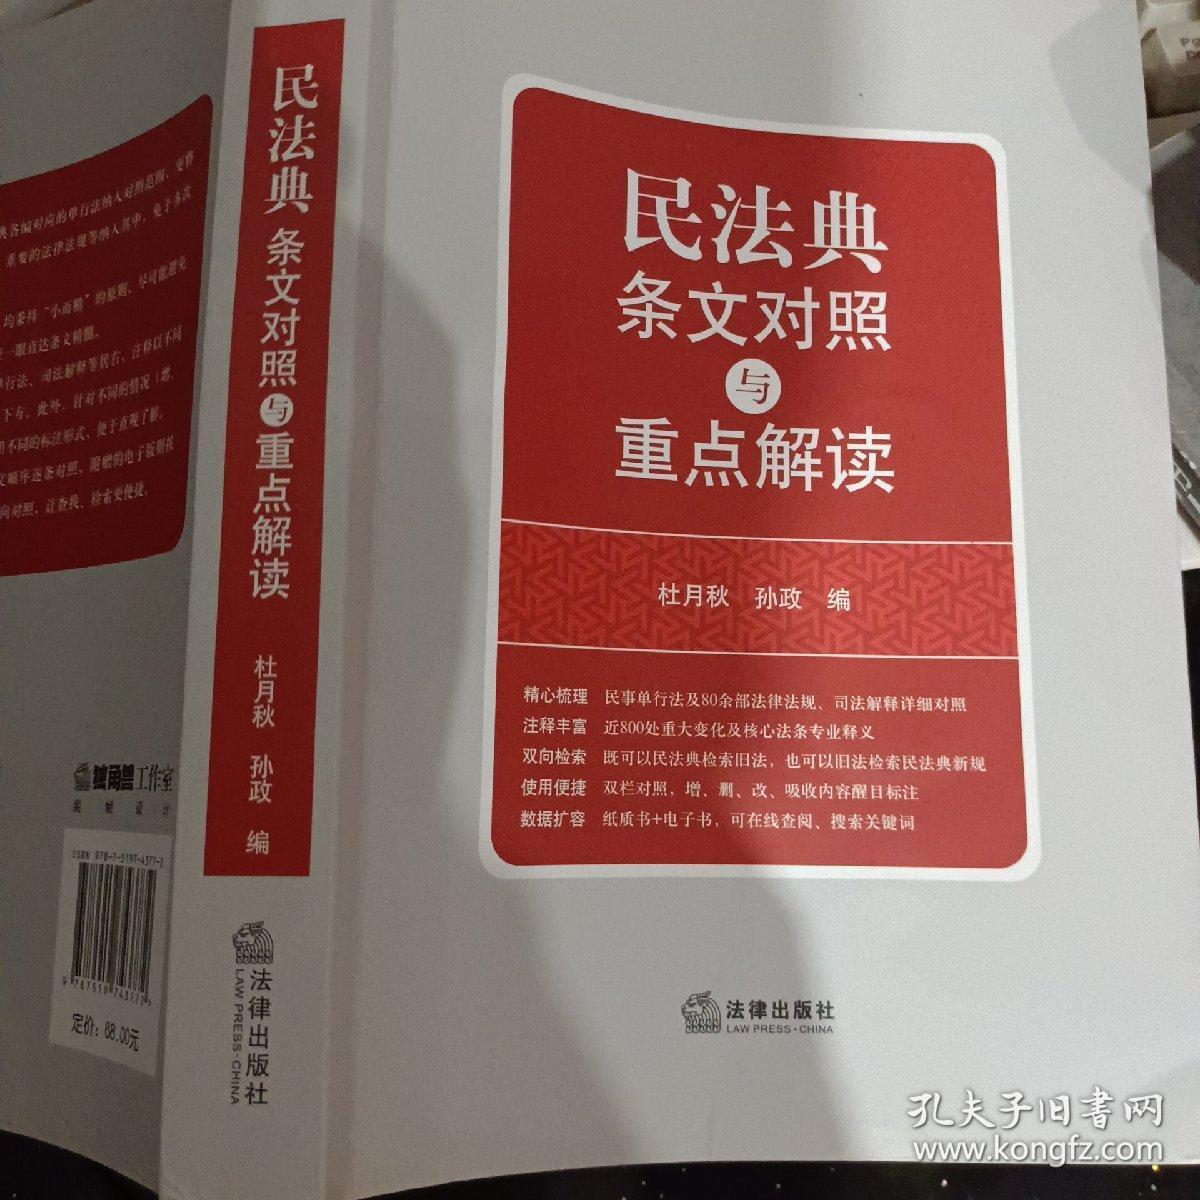 民法典条文对照与重点解读(民法典红宝书/新旧对照)